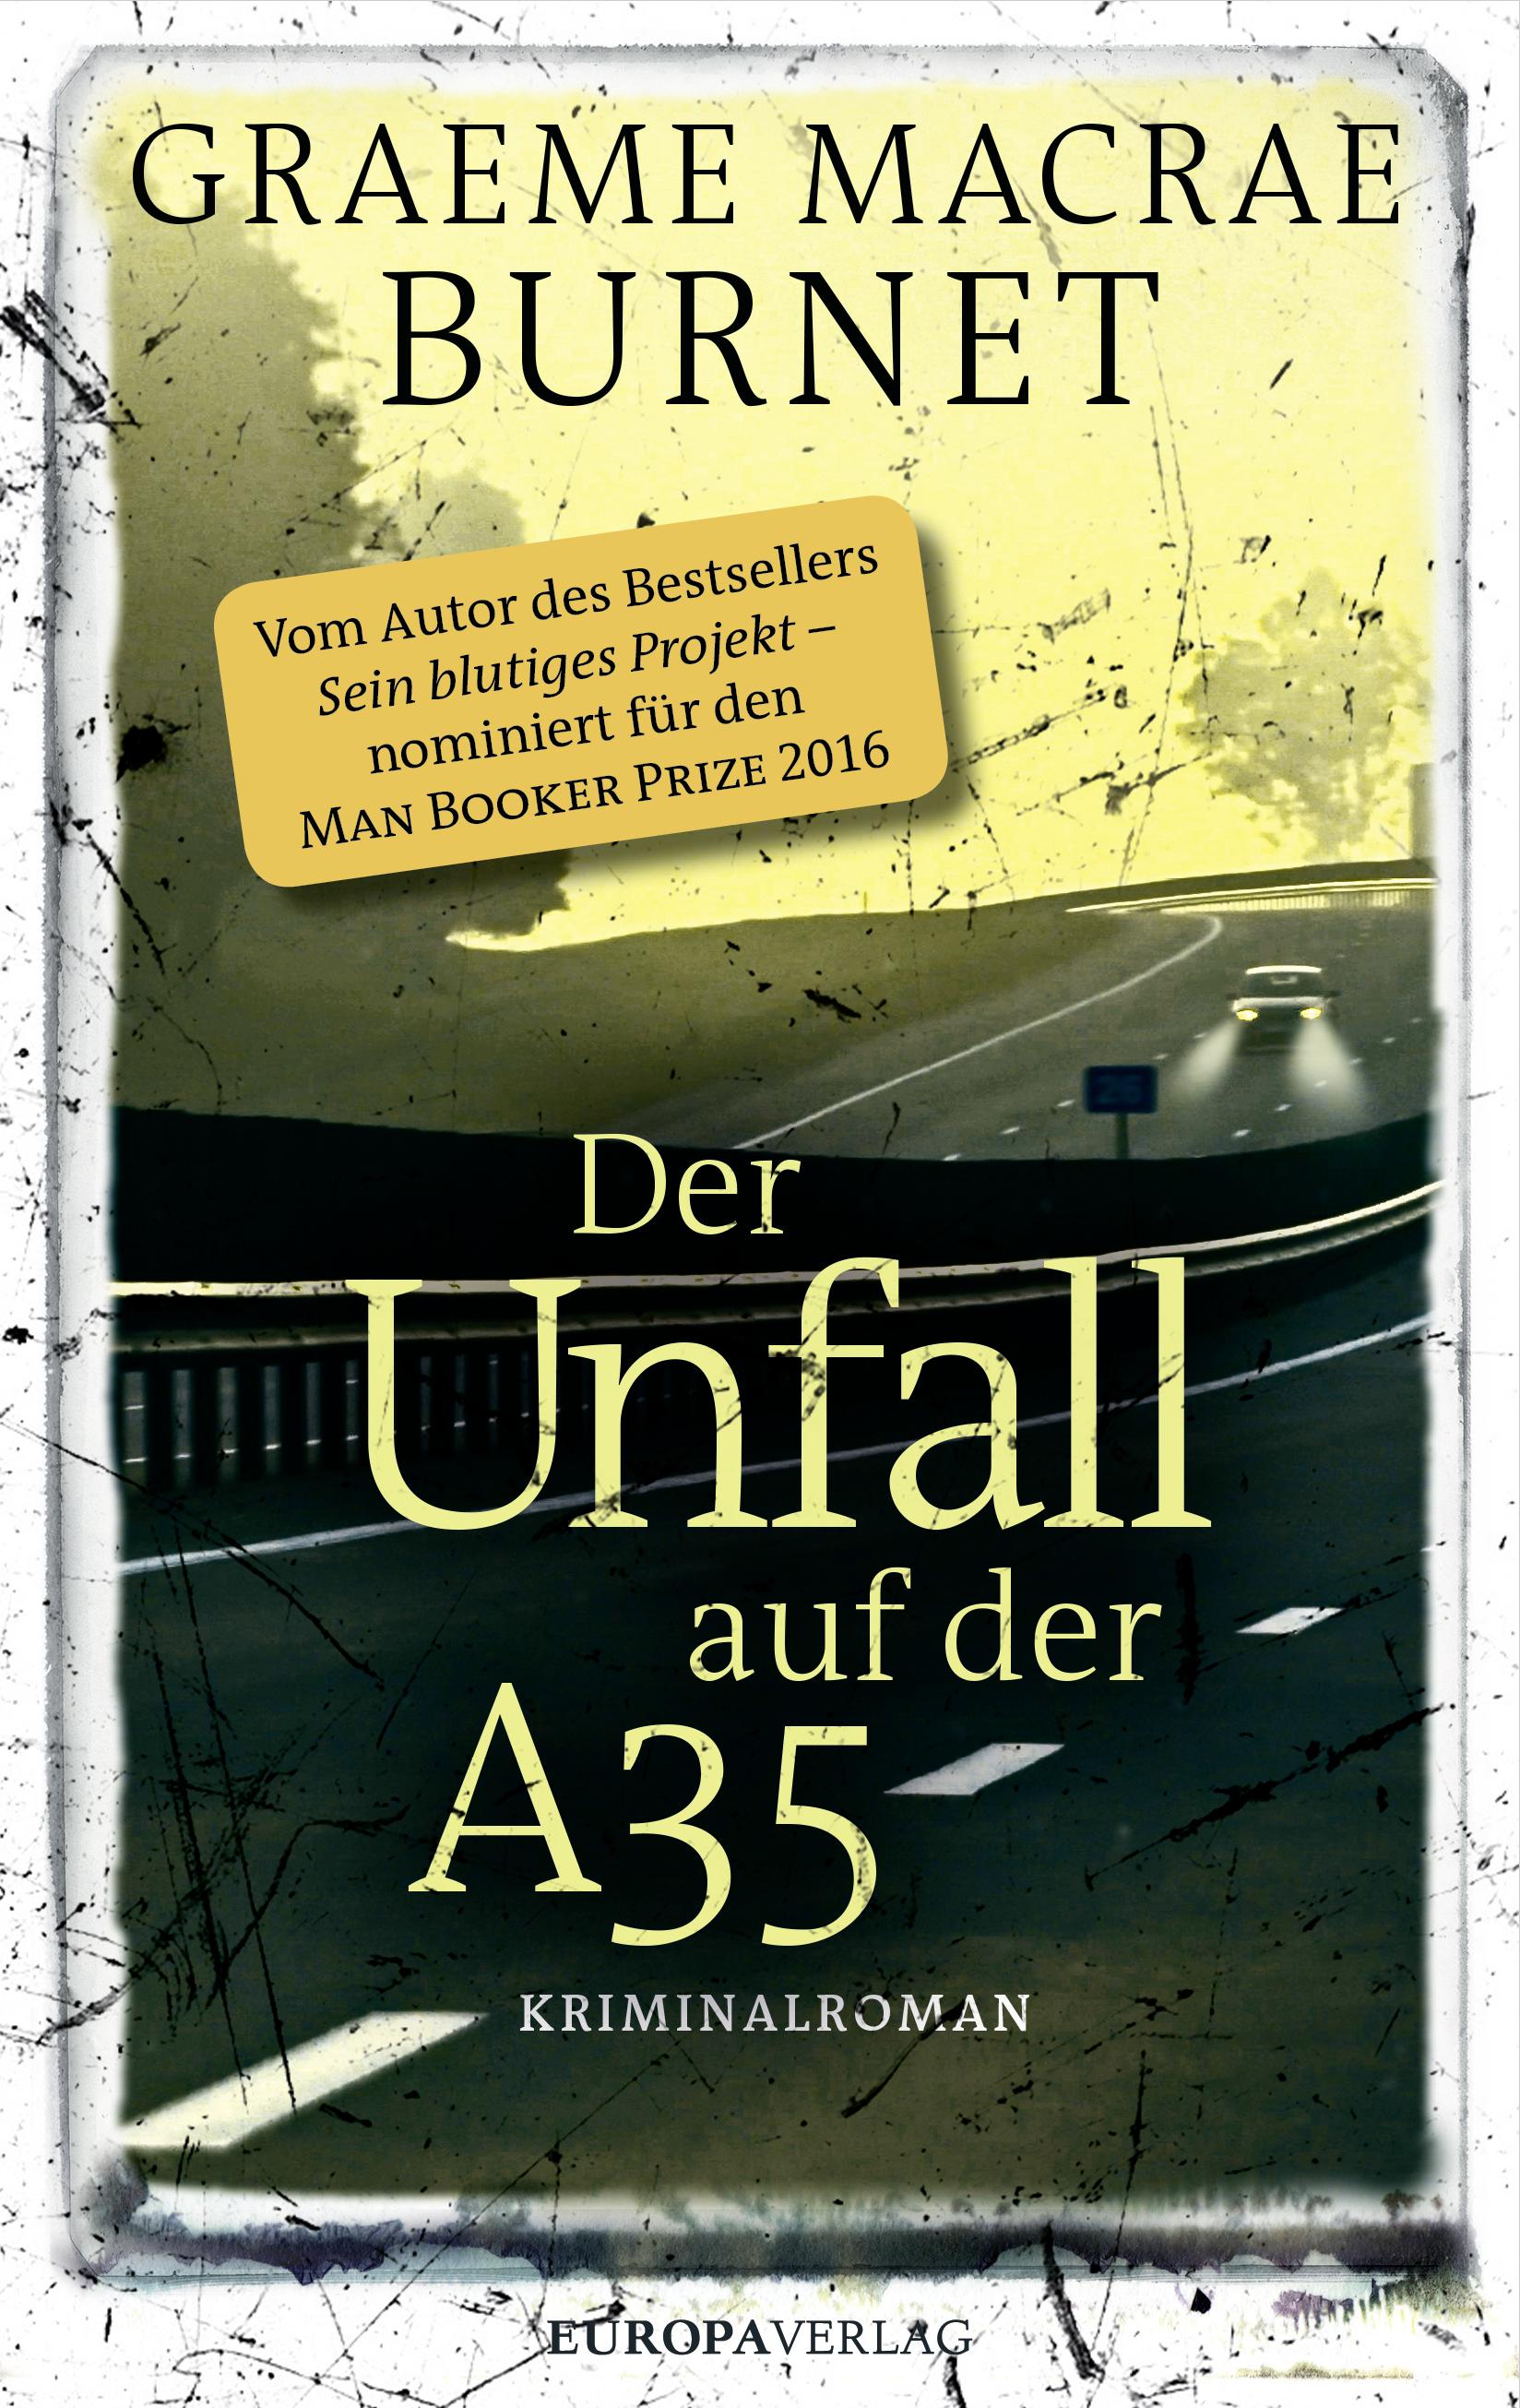 © Europa Verlag